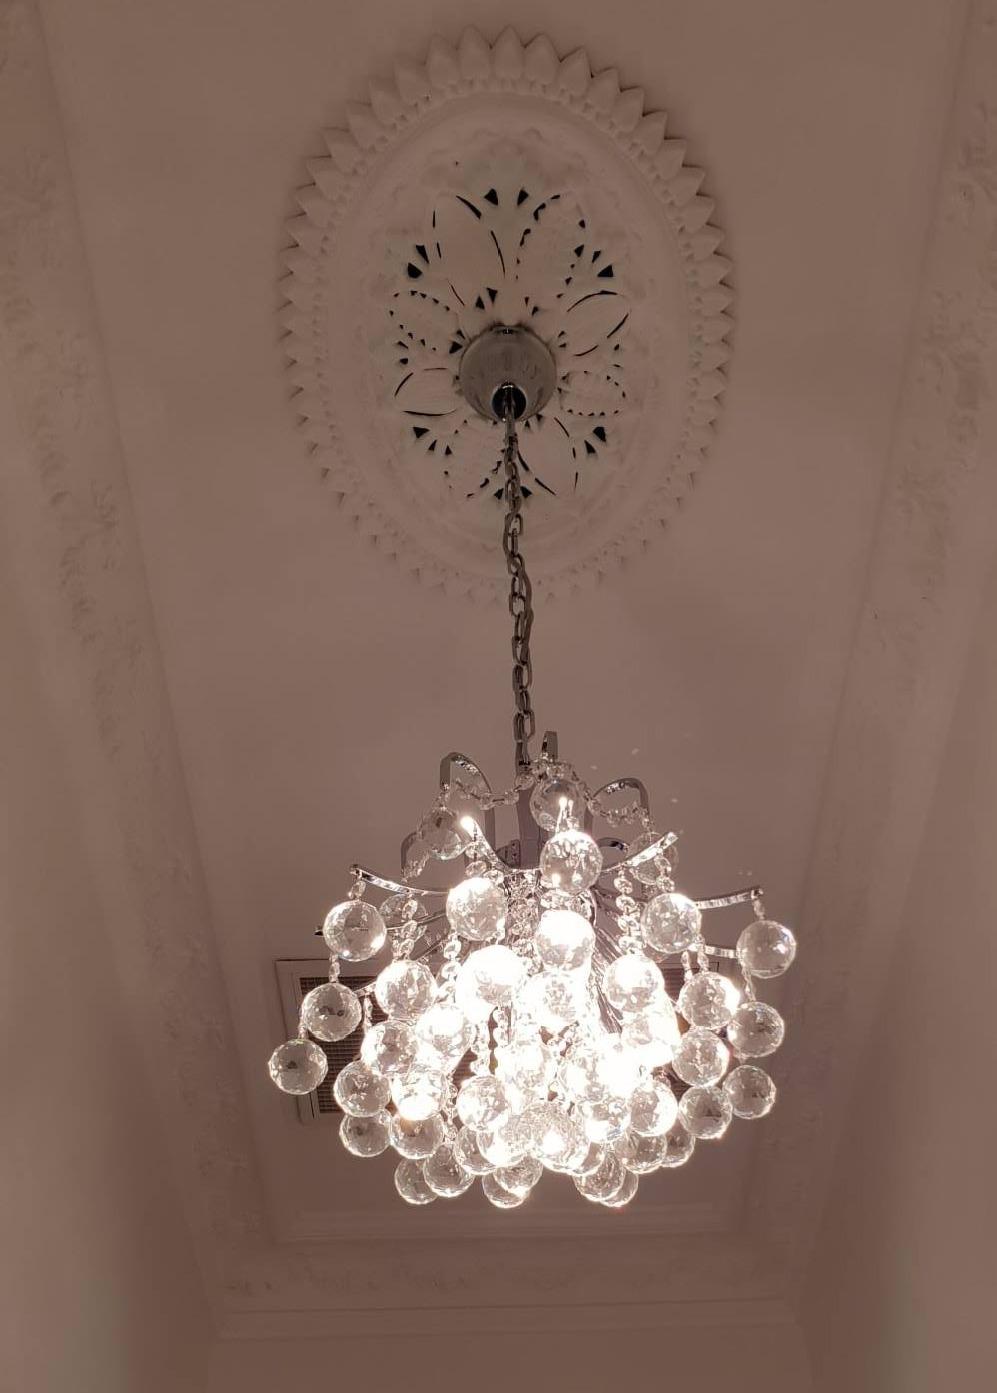 chandelier_edited